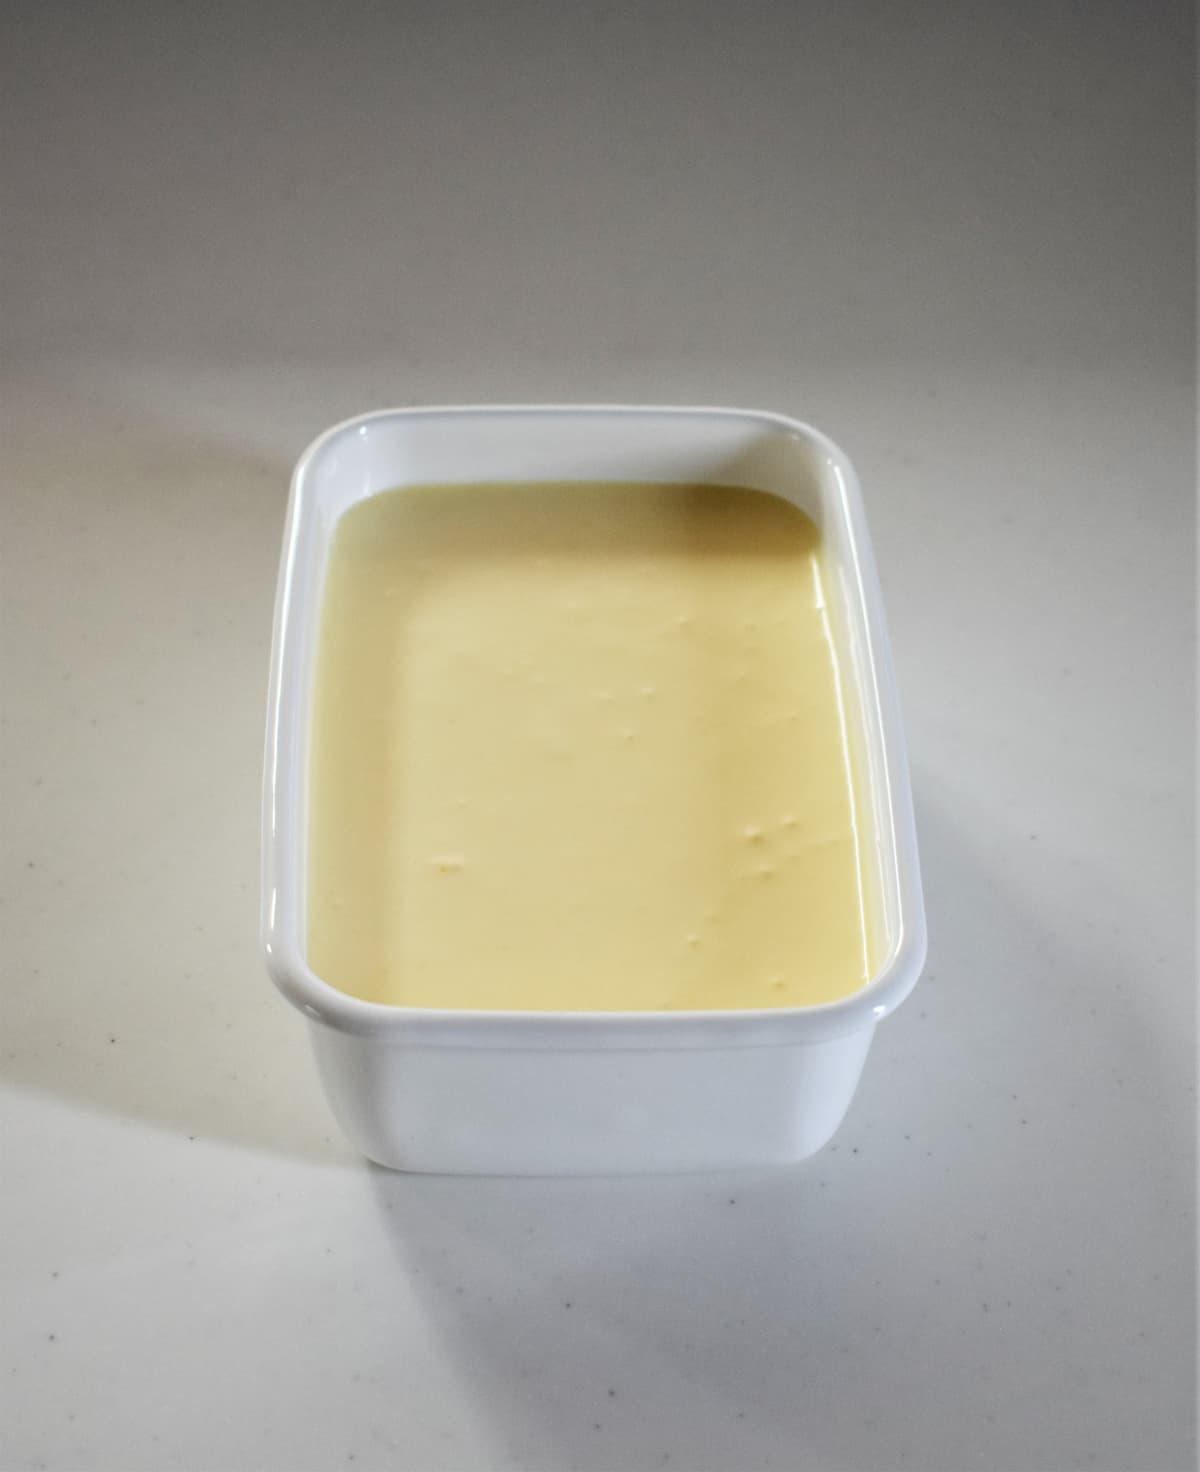 バニラアイスクリーム